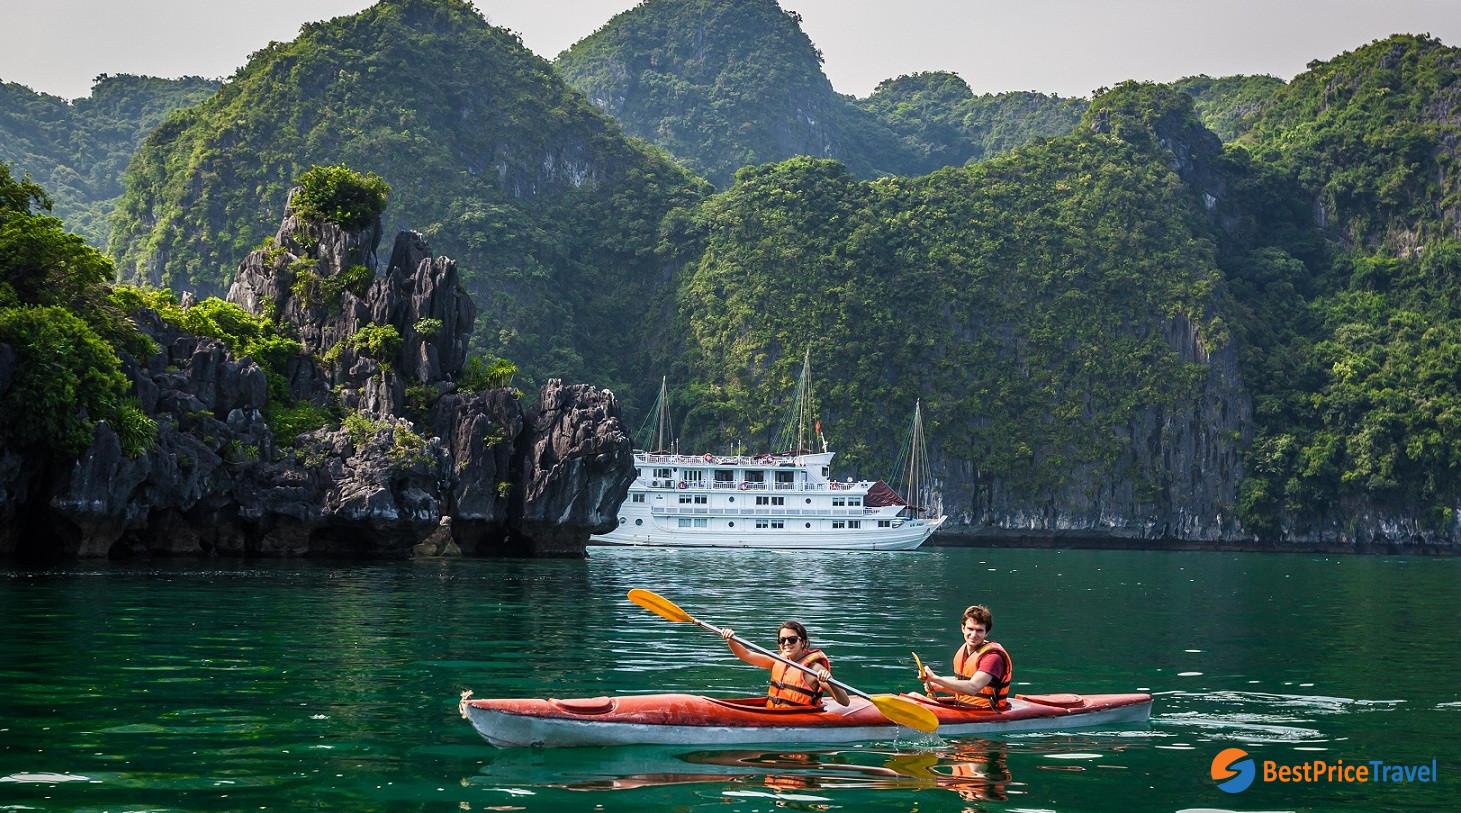 Kayaking -  Things to Do in Halong Bay